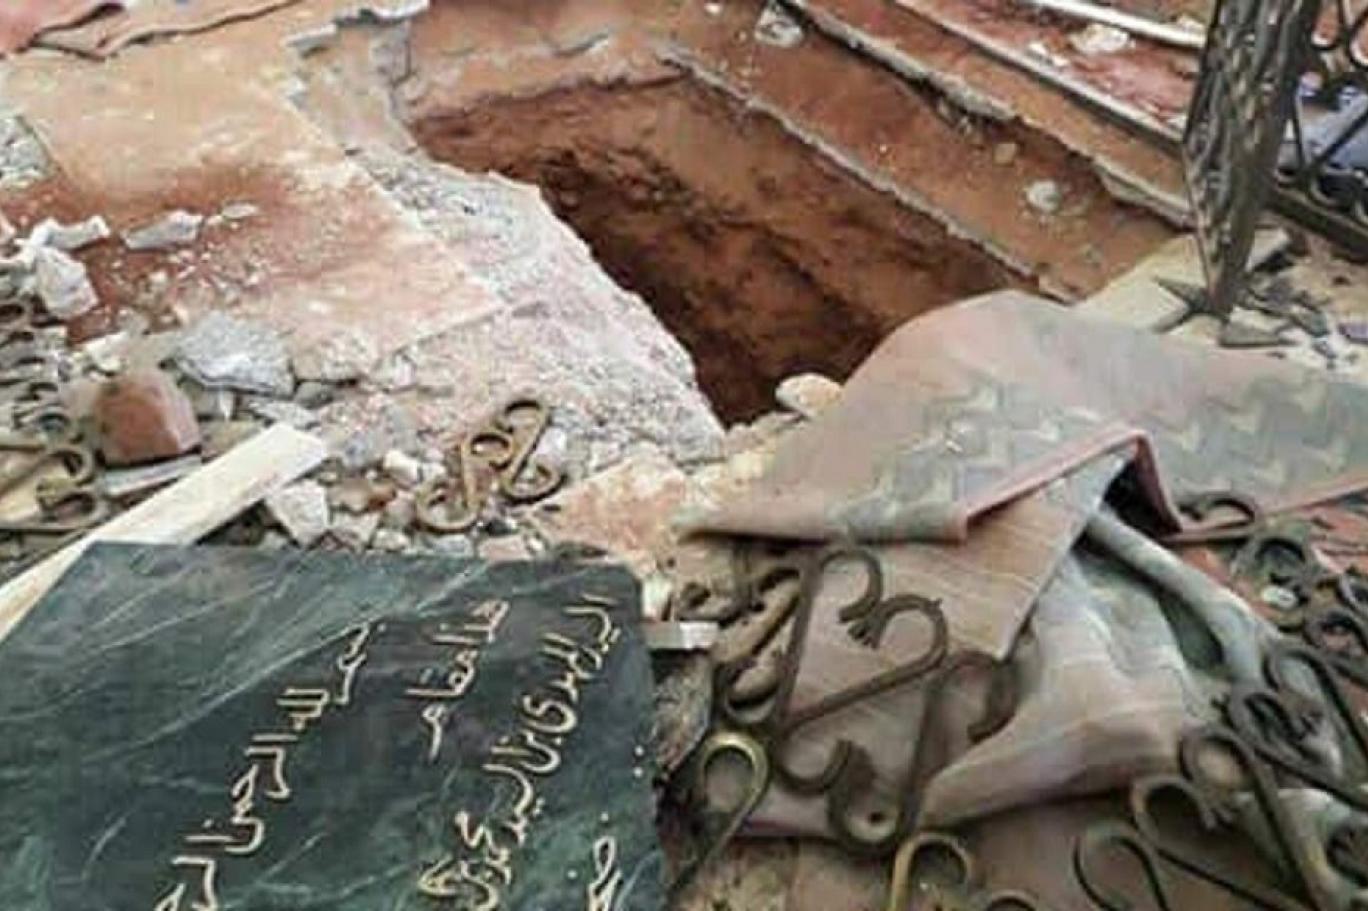 مغاربة يقعون ضحايا شبكات نصب بسبب الطمع في استخراج الكنوز اندبندنت عربية